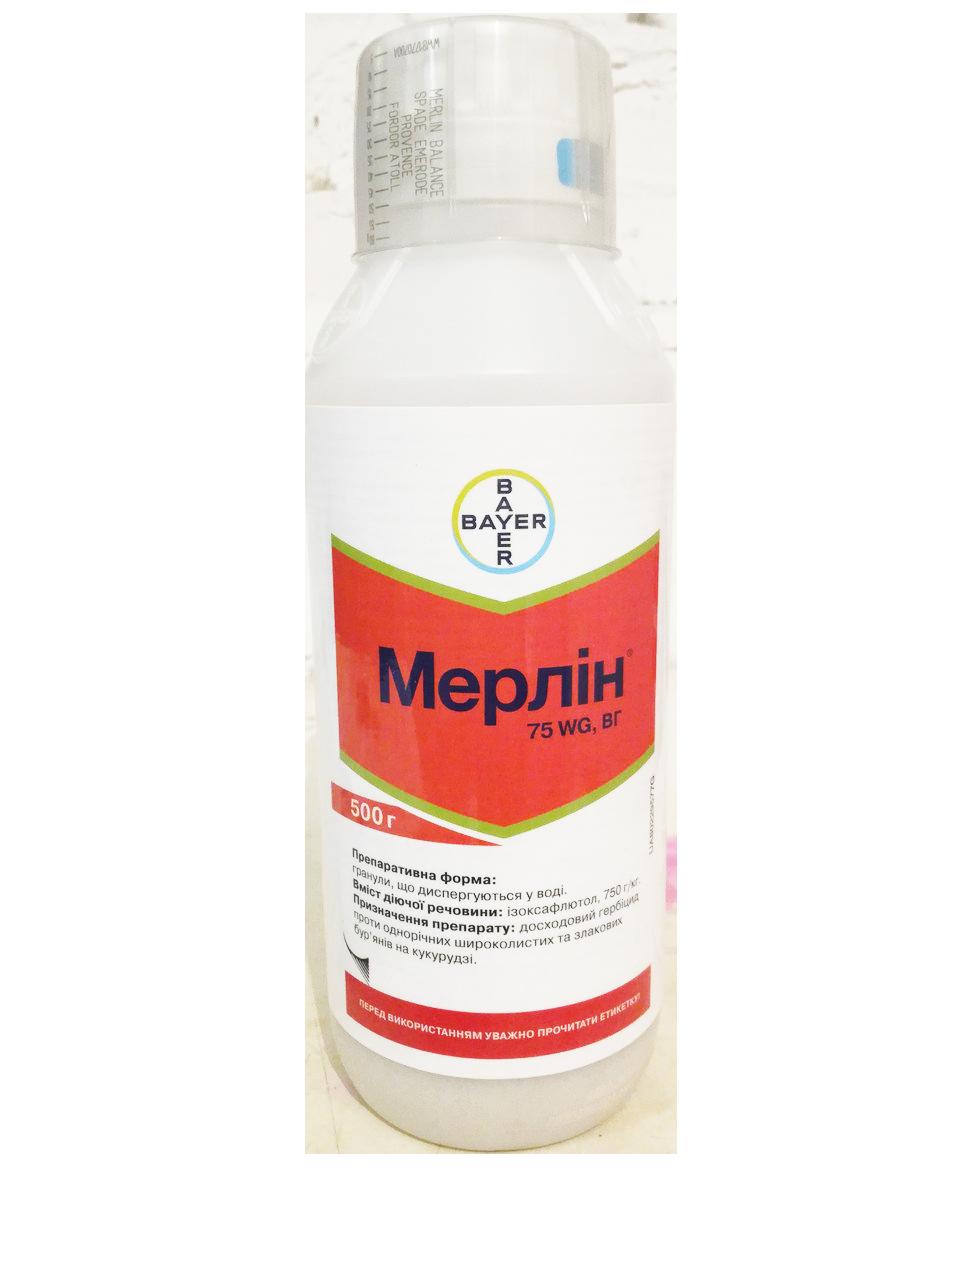 Гербіцид Мерлін 750 WG (флакон 0,5кг)